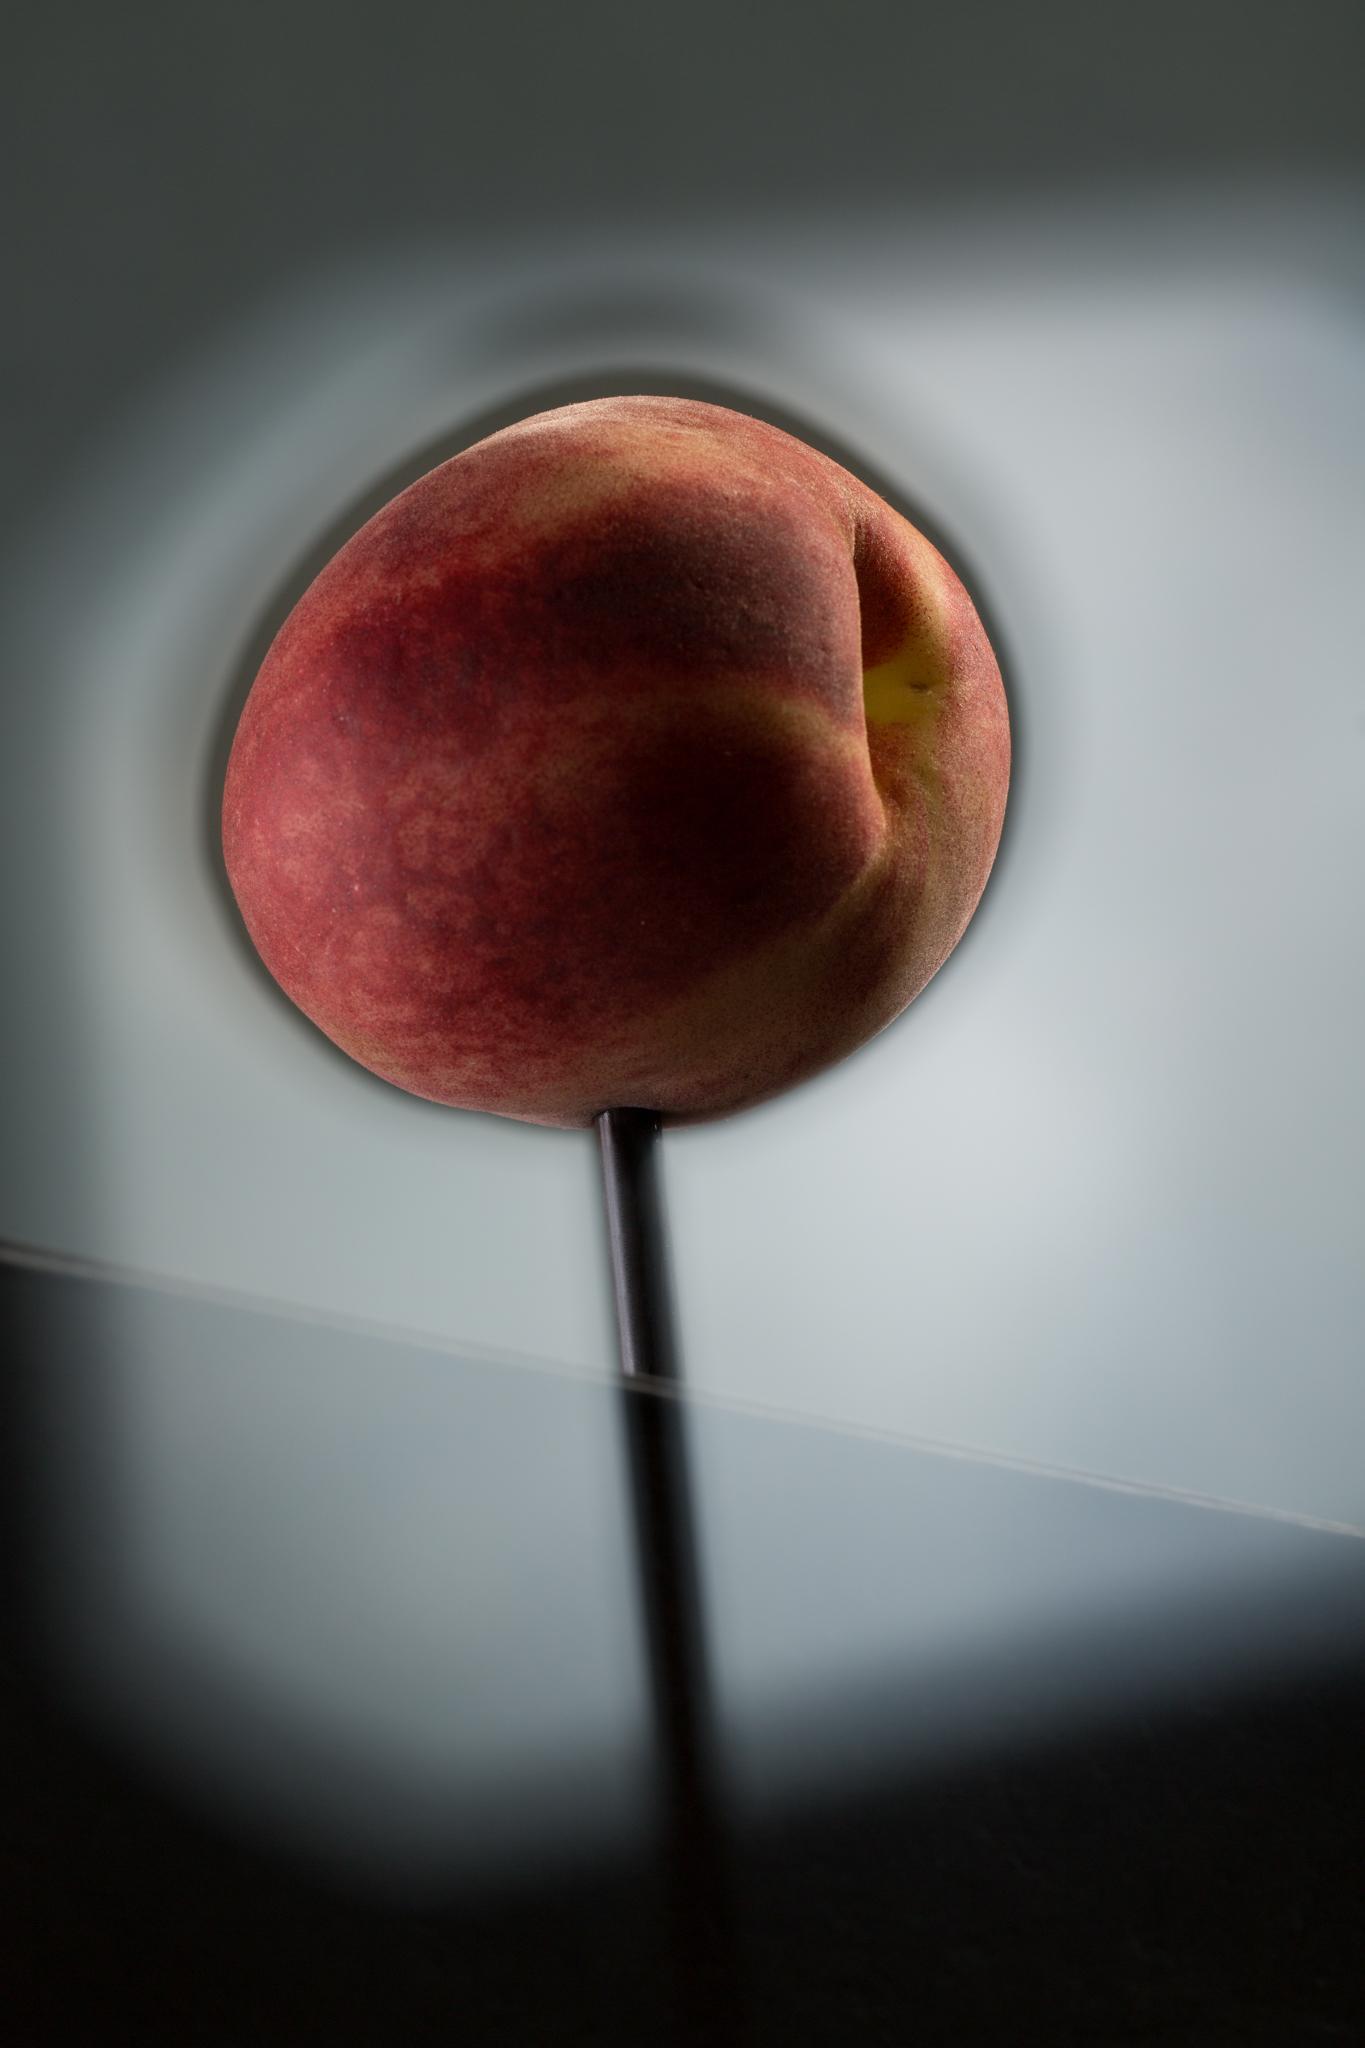 2019_05_31 peach 011 final 2048.jpg